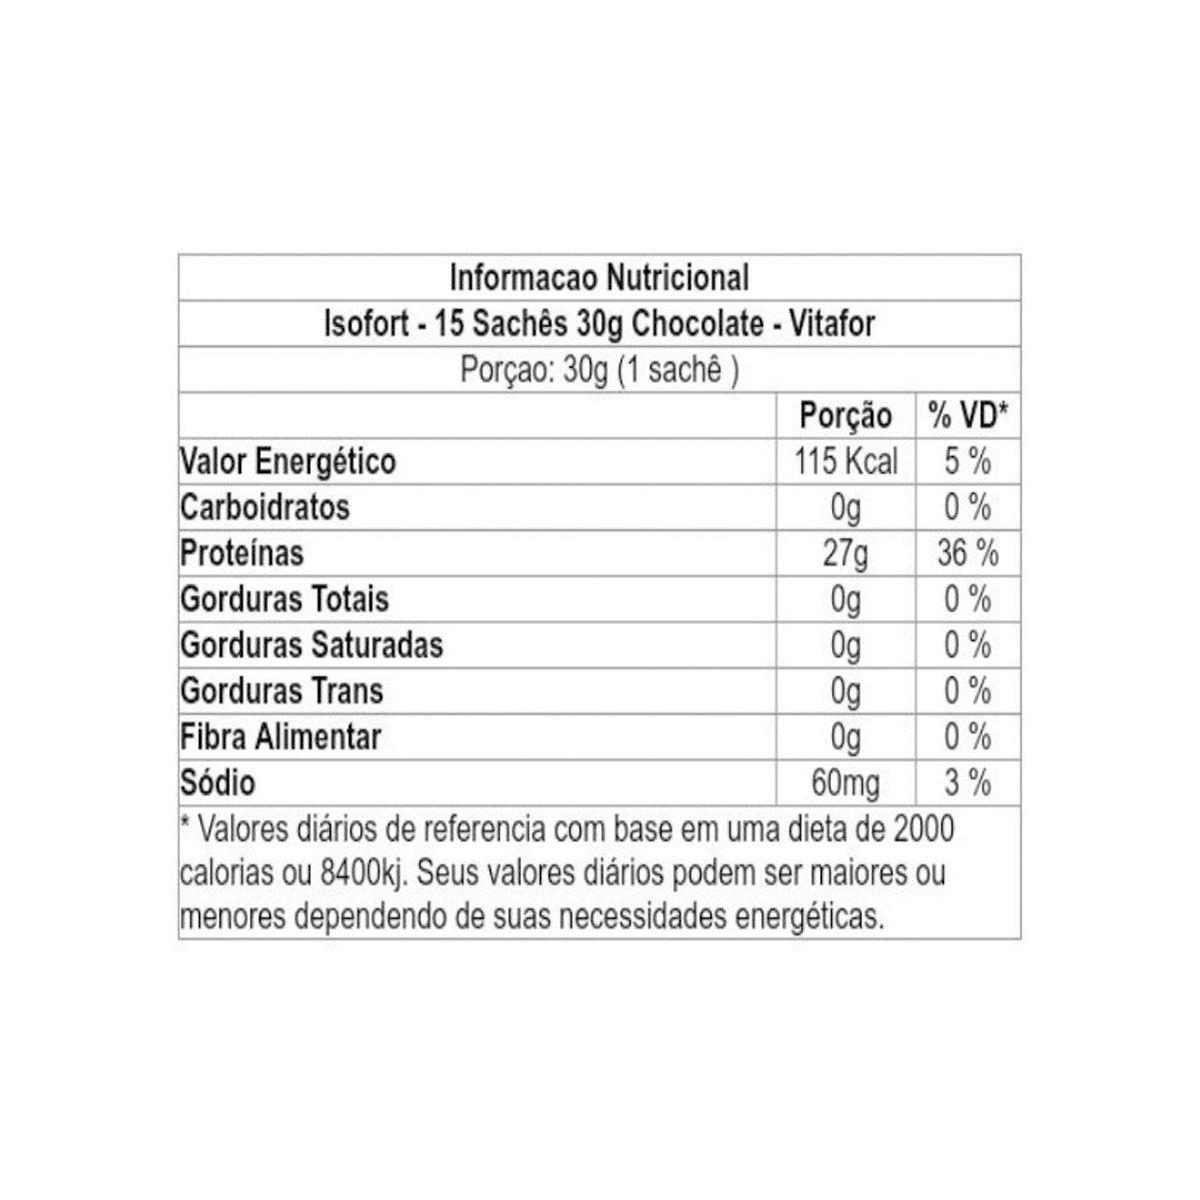 Isofort 15 Sachês - Vitafor